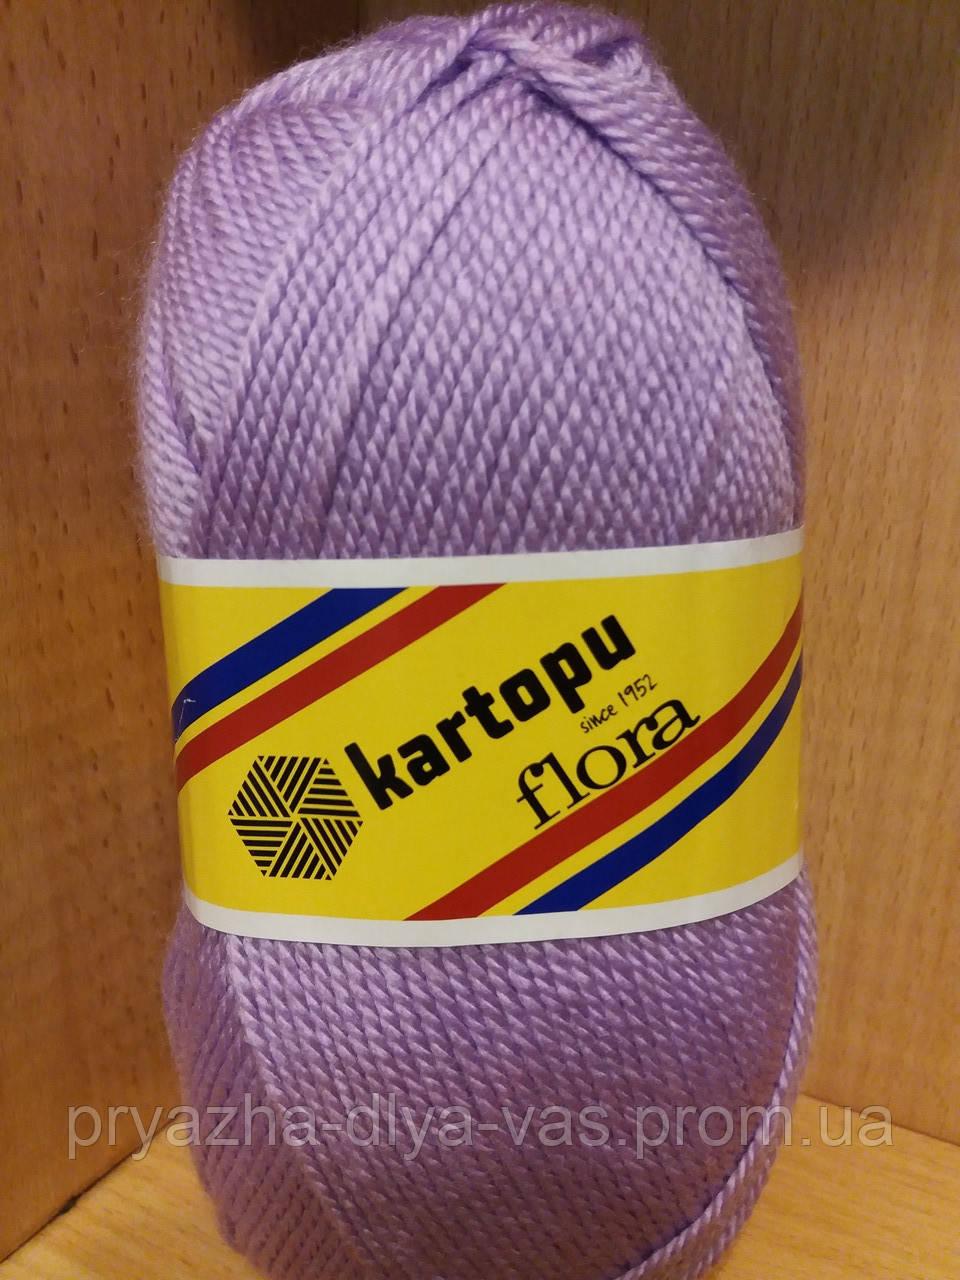 Акриловая пряжа (100% акрил, 100г/230м) Kartopu Flora K708 (сирень)